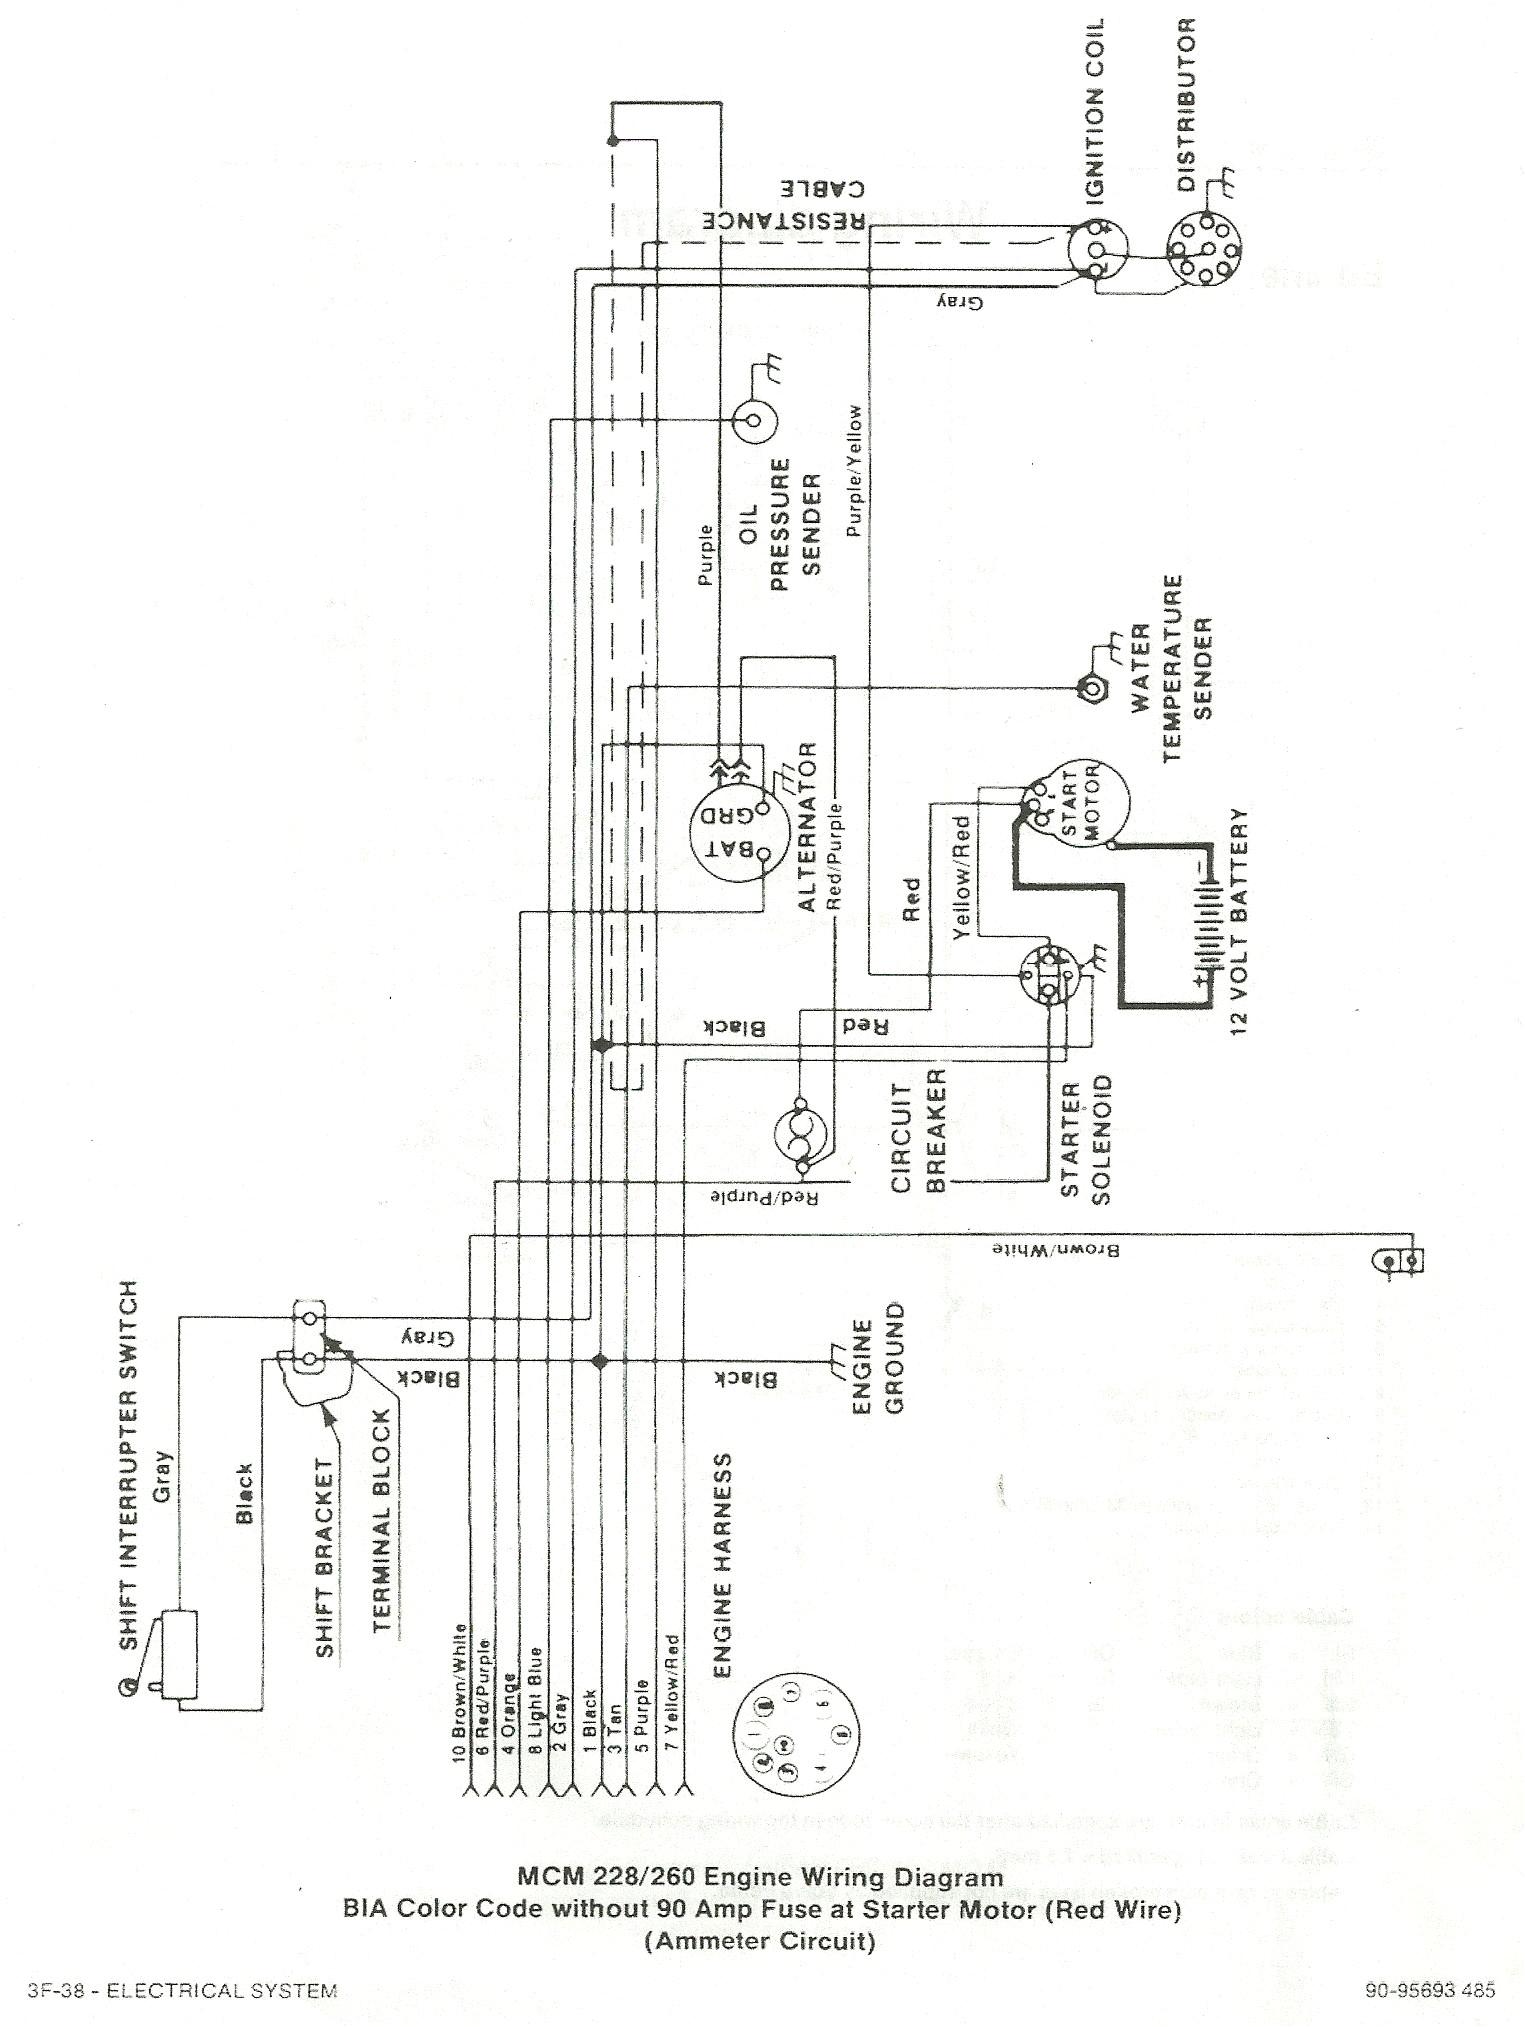 mercruiser 4 3 wiring diagram unique 165 mercruiser starter wiring diagram wiring diagram electricity